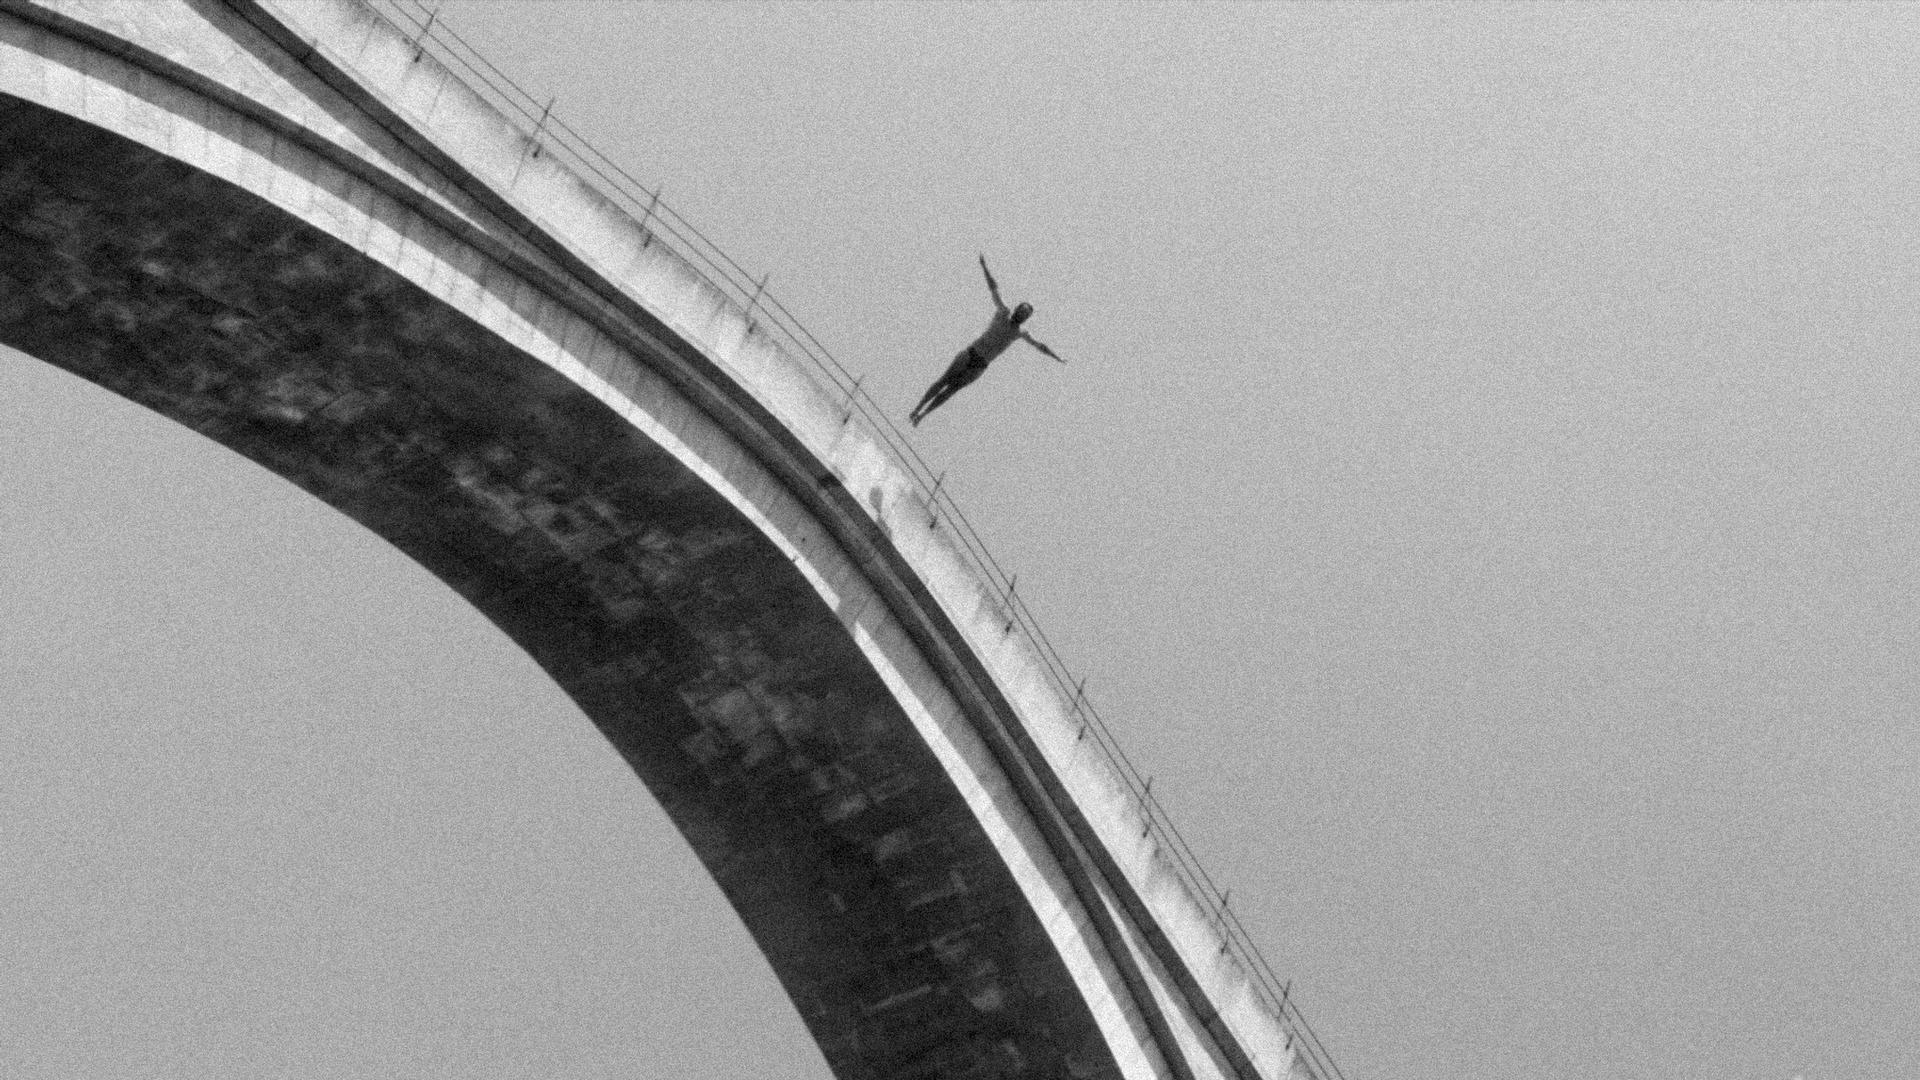 bridge_1.4.1.jpg